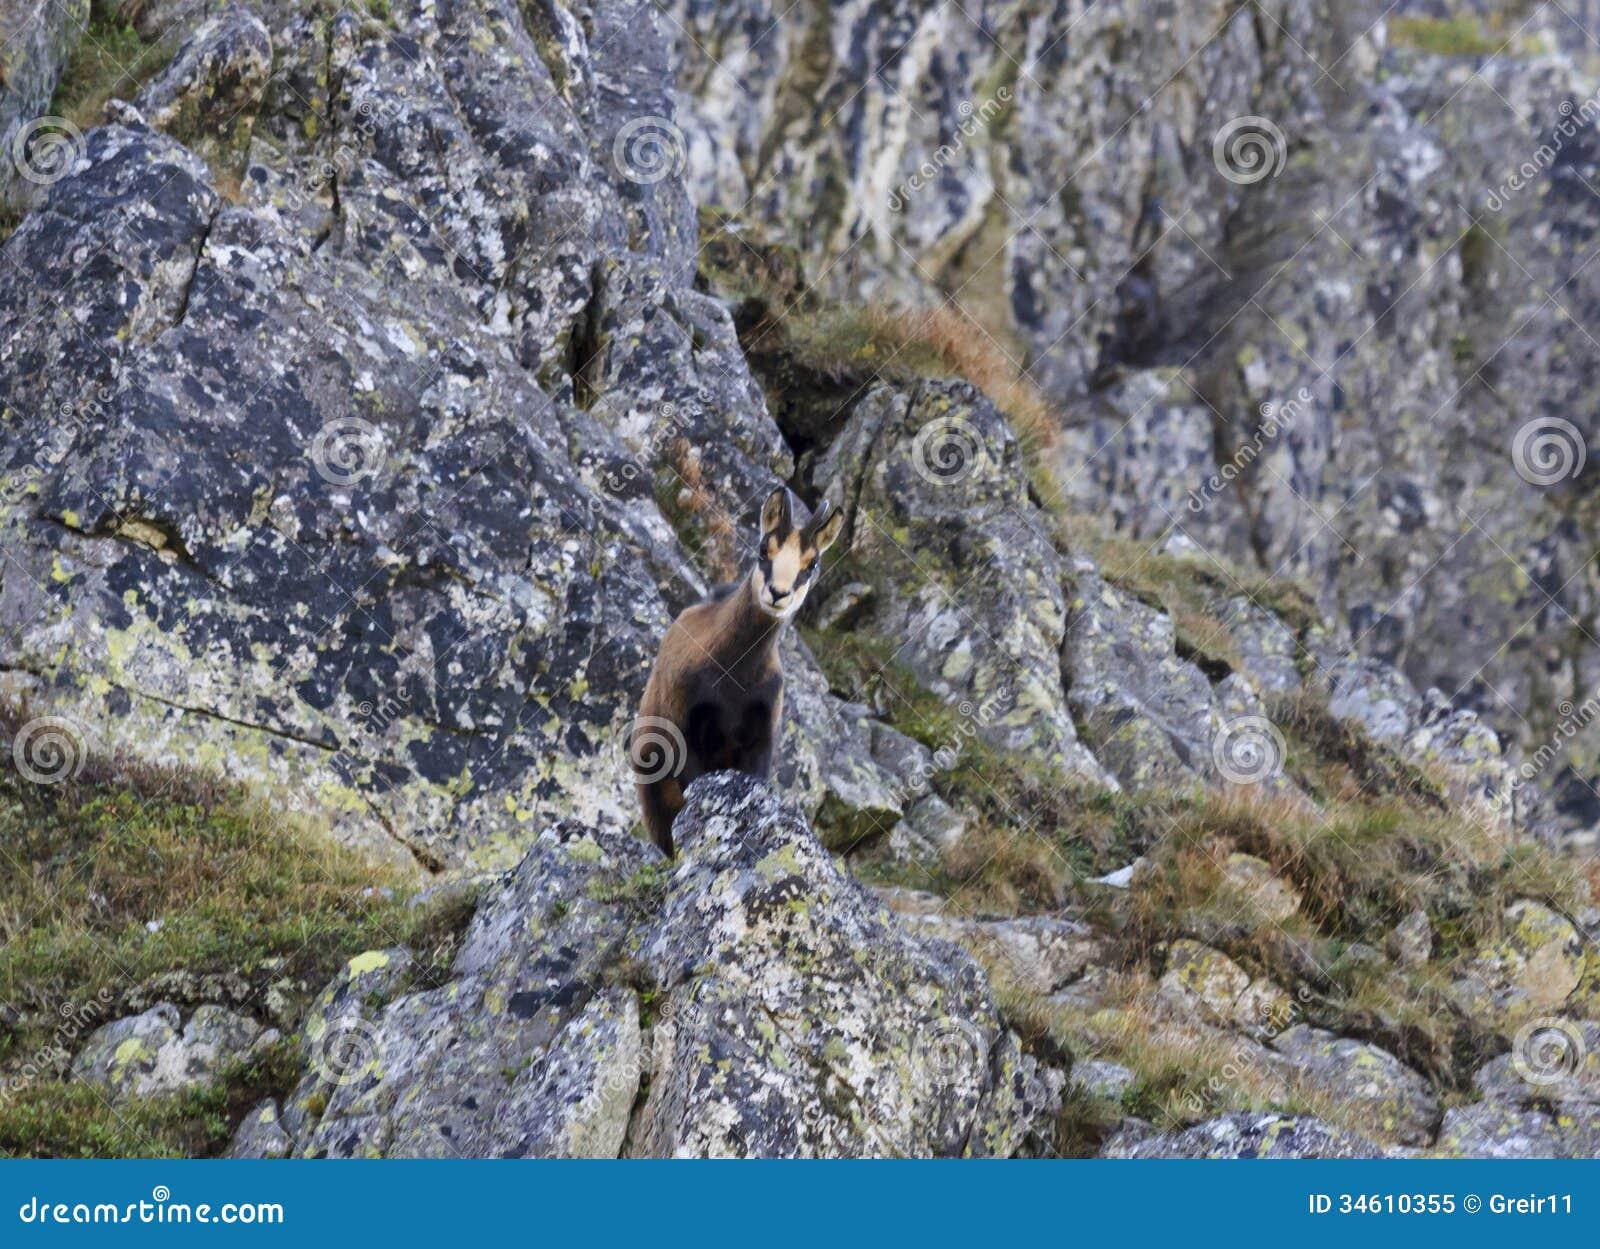 Gemzen - berggeit die - neer van een rots kijken.